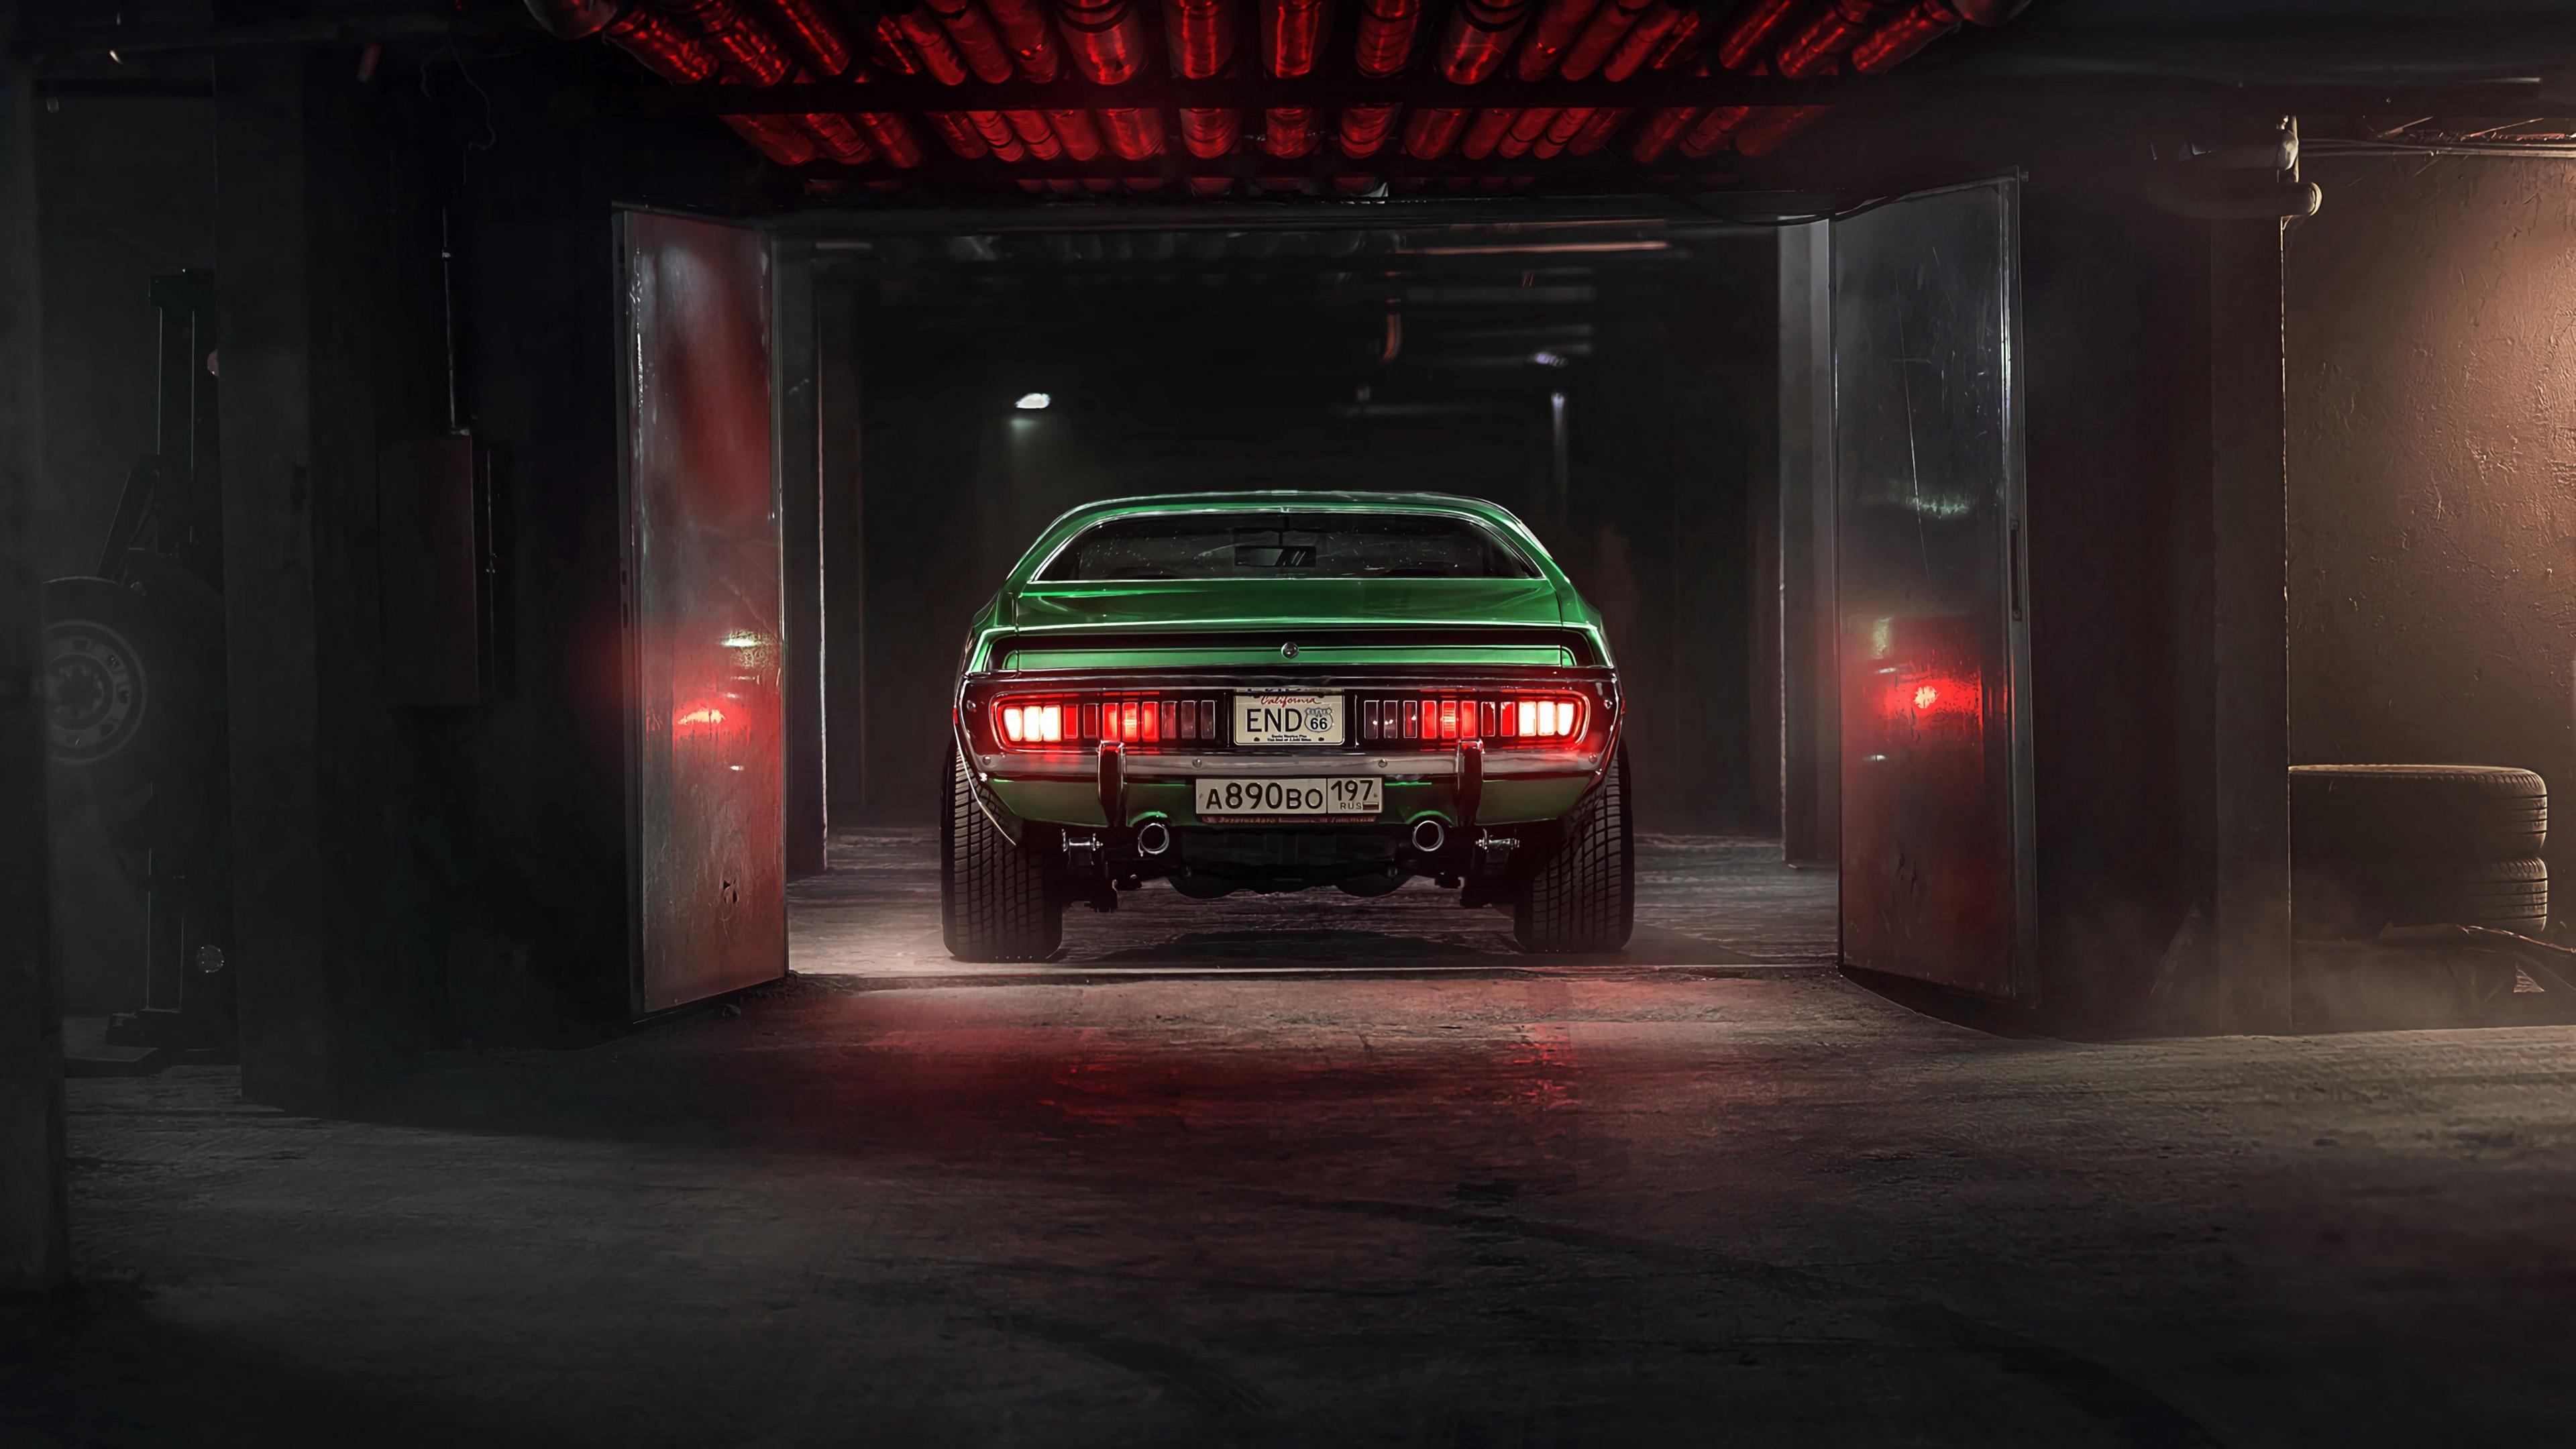 4k Car Garage Tuning Wallpaper 3840x2160